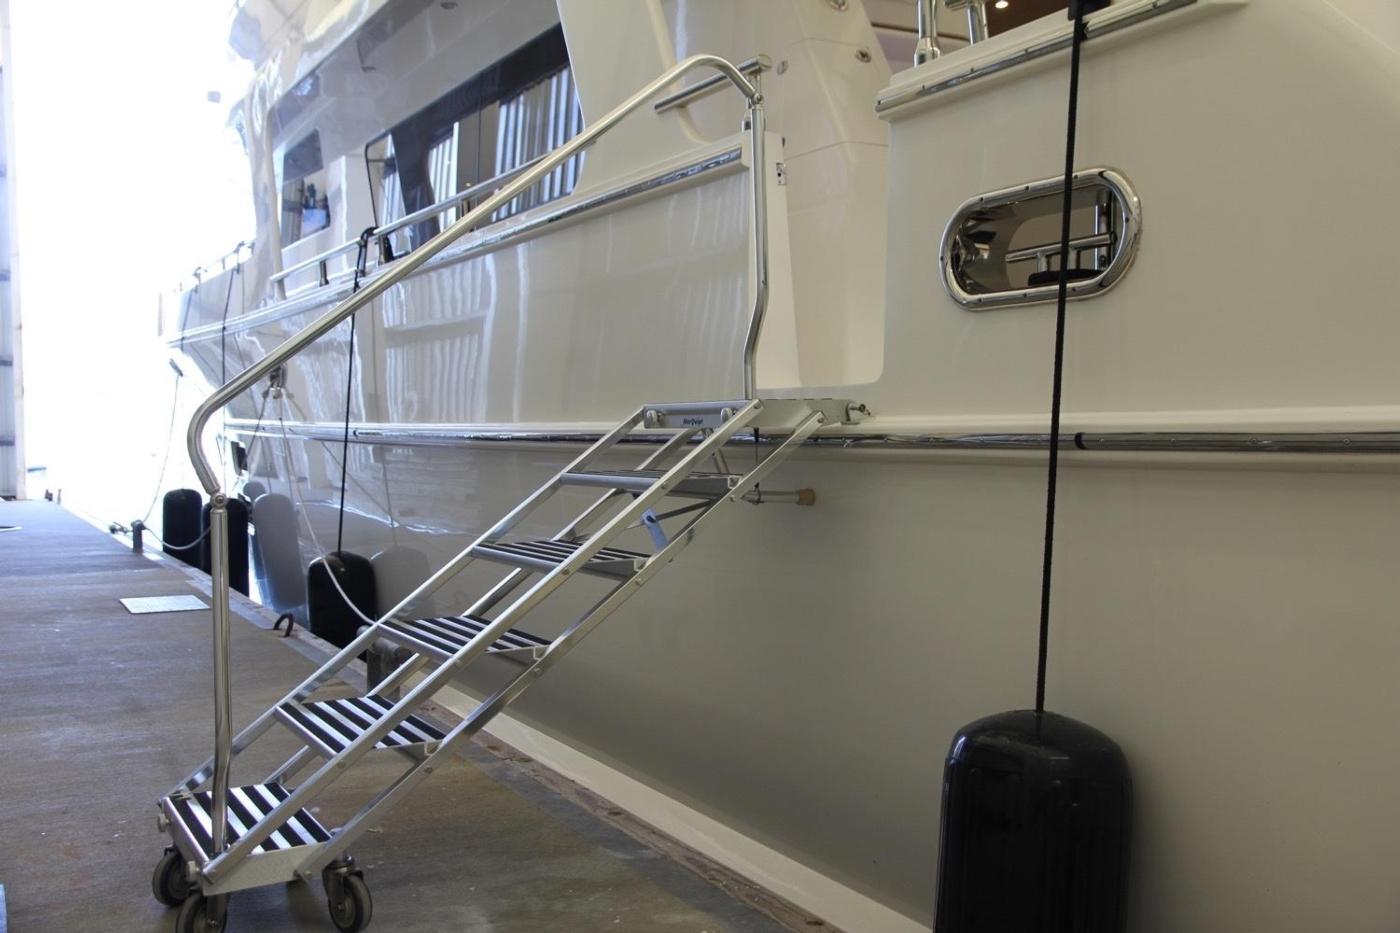 2016 Hampton Endurance 686 LRC Skylounge, Boarding Stairs